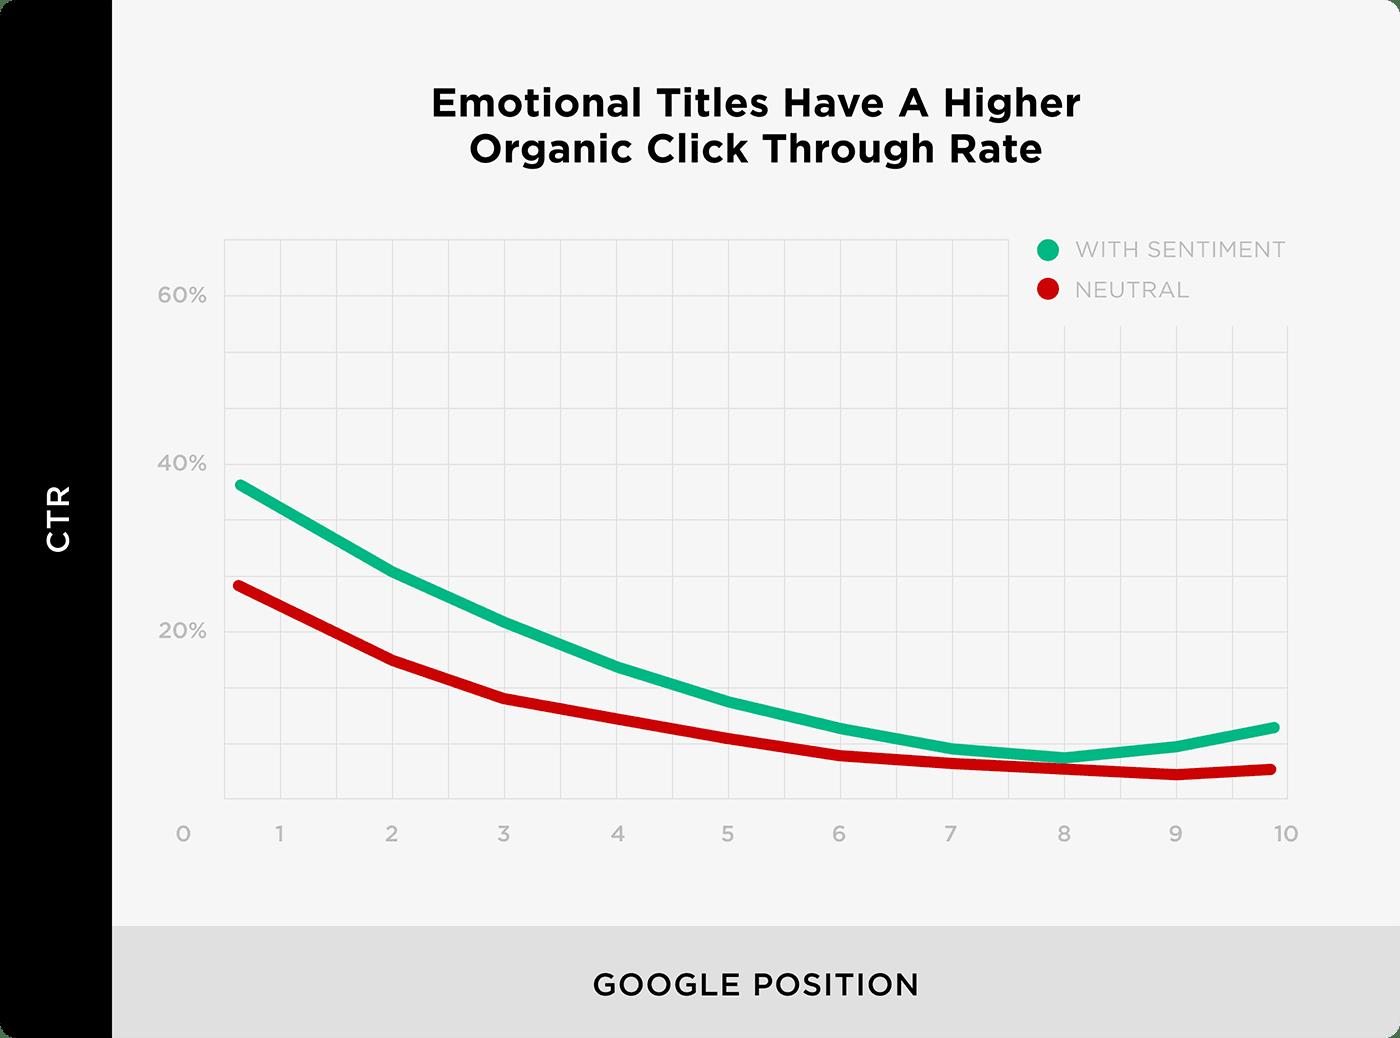 Các tiêu đề cảm xúc có tỷ lệ nhấp hữu cơ cao hơn - Mẹo tiếp thị nội dung